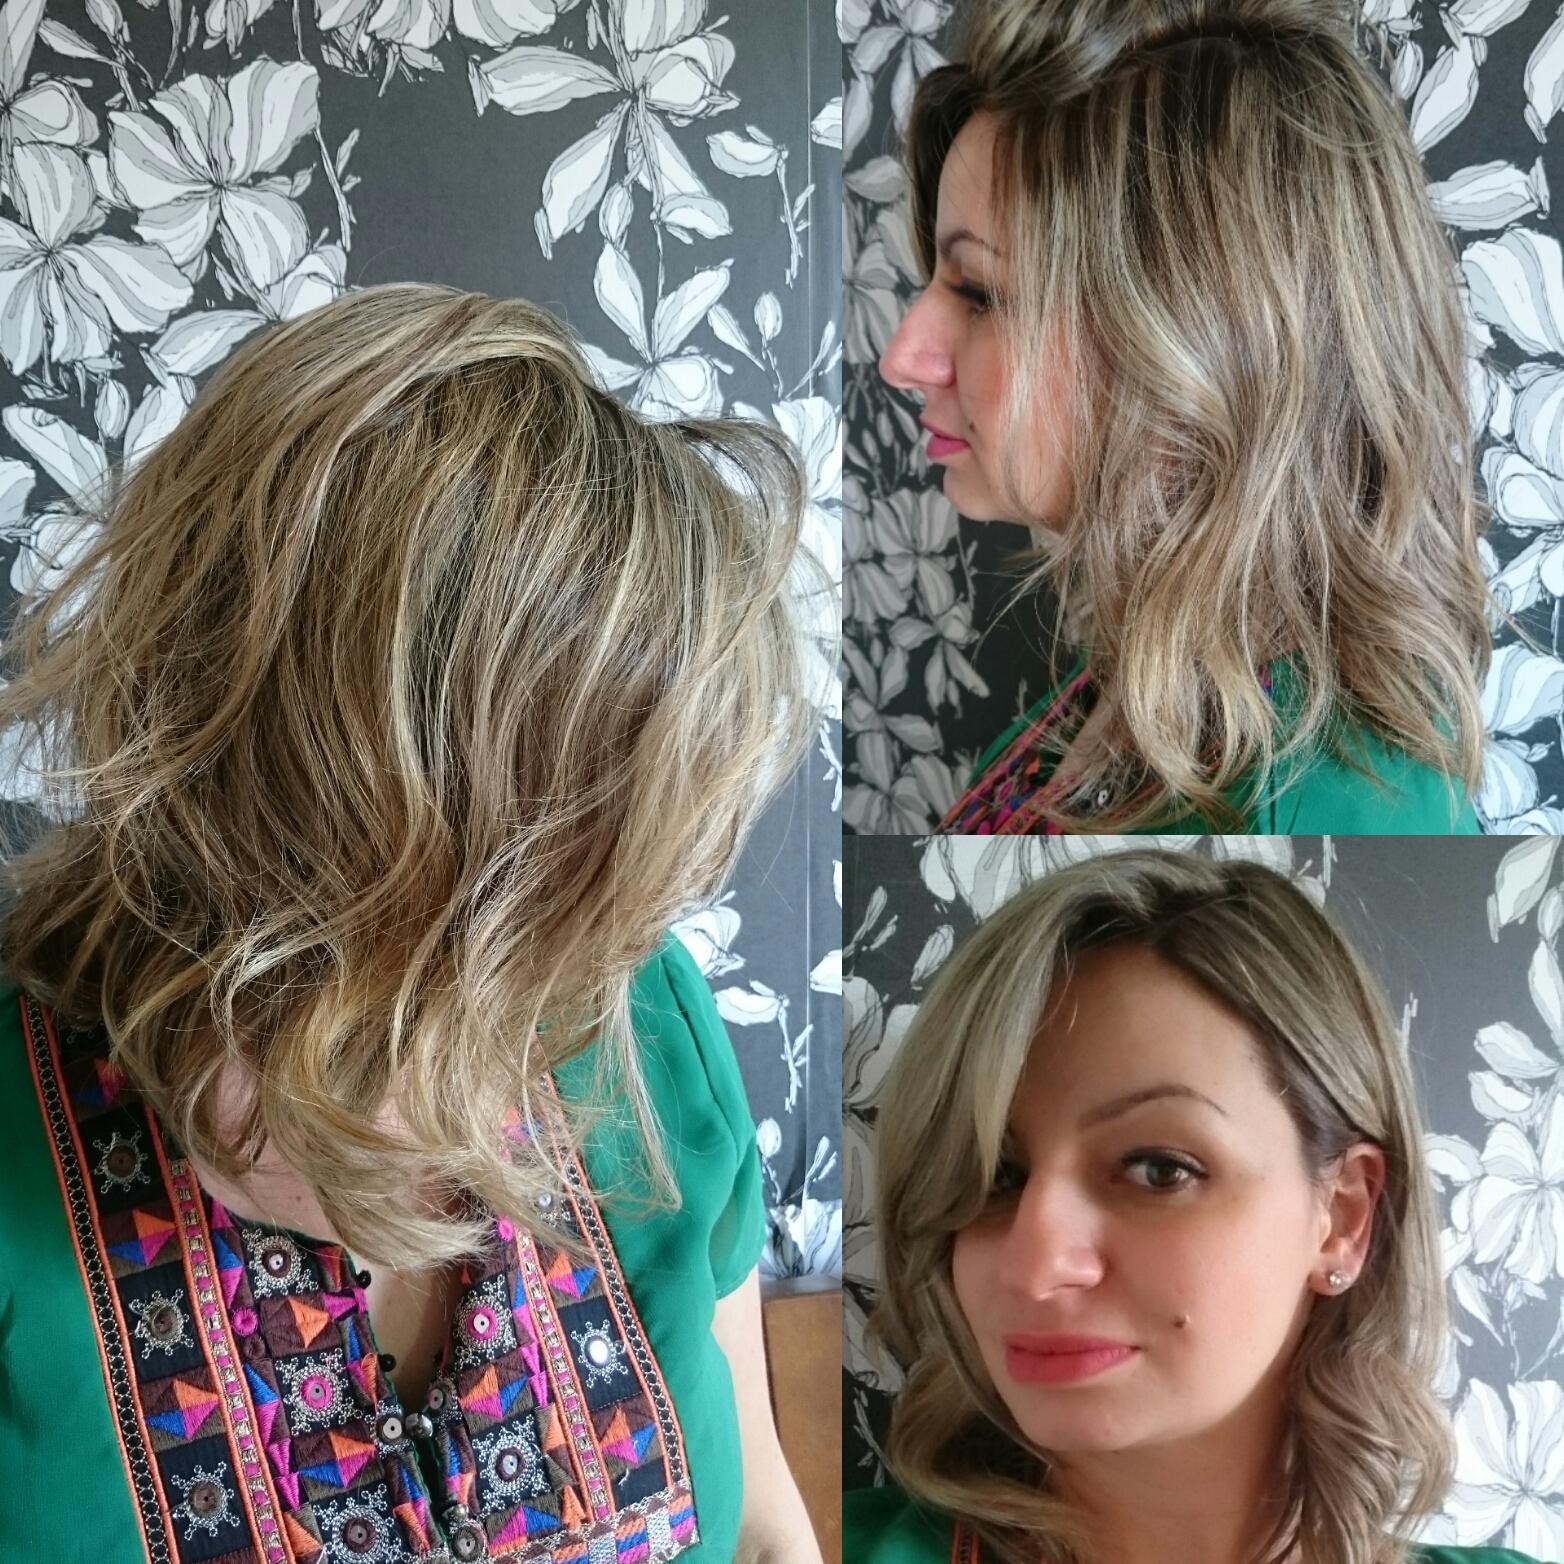 #morenailuminada #luzes #ombrehair #ombrehighlights #canelatostada #blonde #hair #loirodossonhos #job #transformation #transformacao #cabelos #cabelosloiros  #loirossaudaveis #loirosdivos #loirosdourados #loirosamanteigados #loirosperolados #loirosplatinados #pinup #haircut #longbob cabelo cabeleireiro(a) stylist / visagista maquiador(a) designer de sobrancelhas